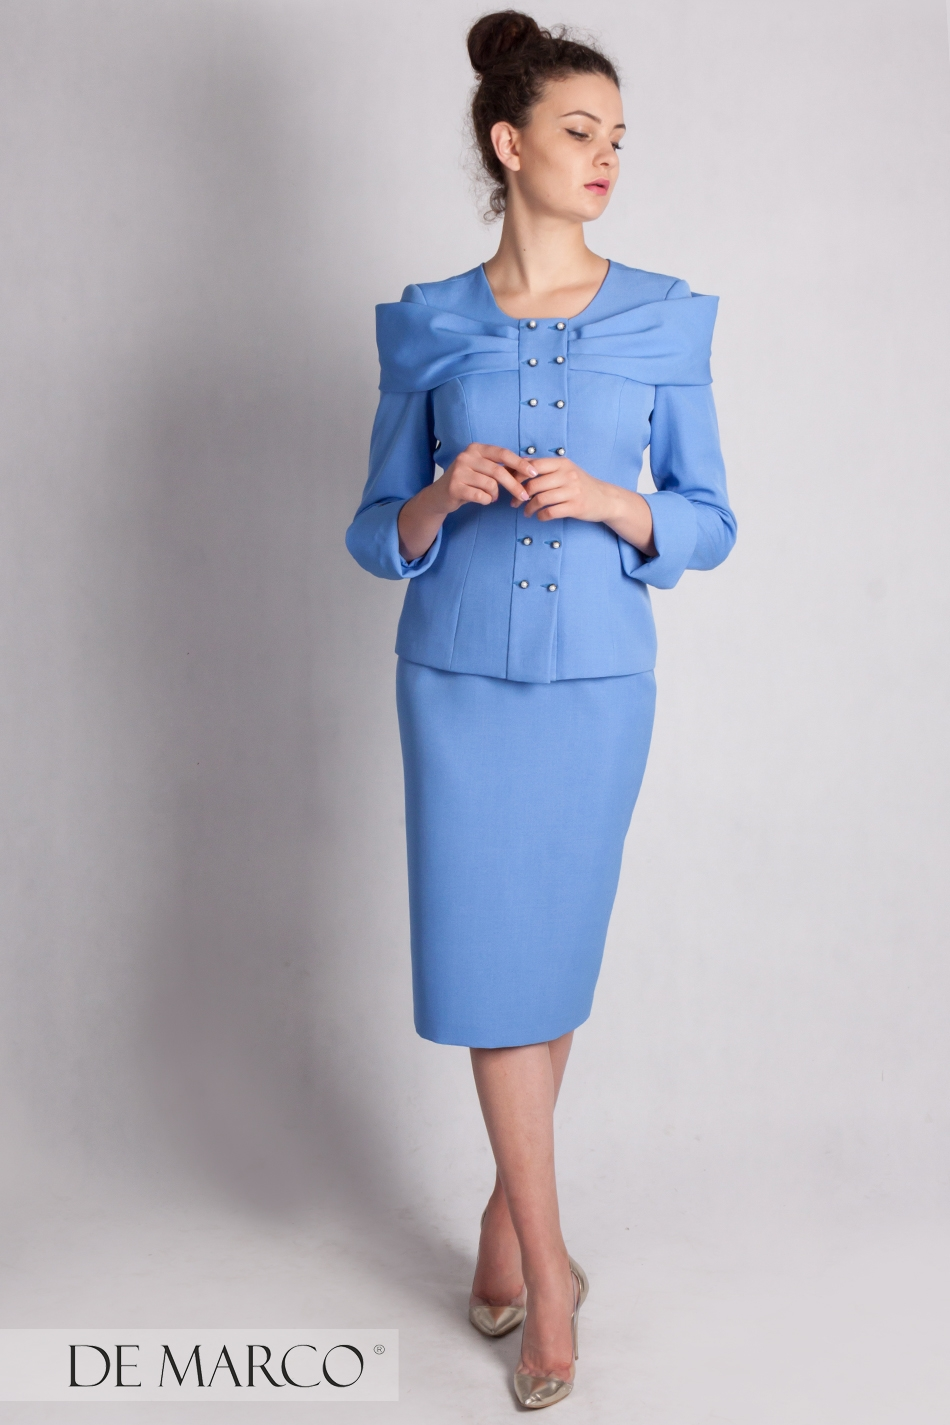 53edbf1913 Elegancki kostium biznesowy Safona